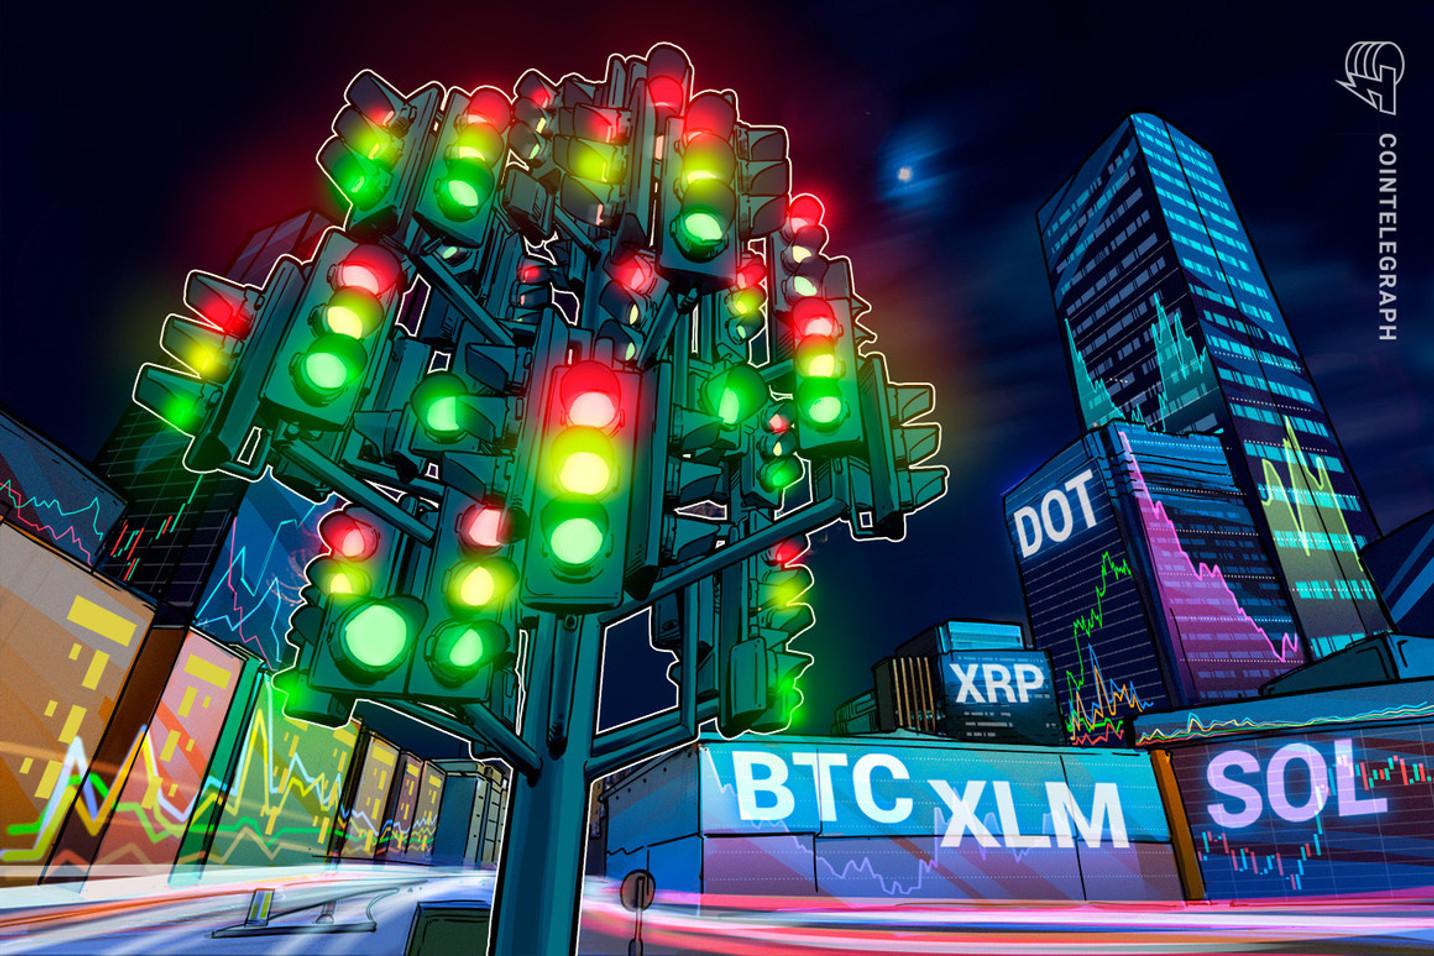 Bitcoin dışında bu hafta takip edilmesi gereken 4 altcoin | 17.5